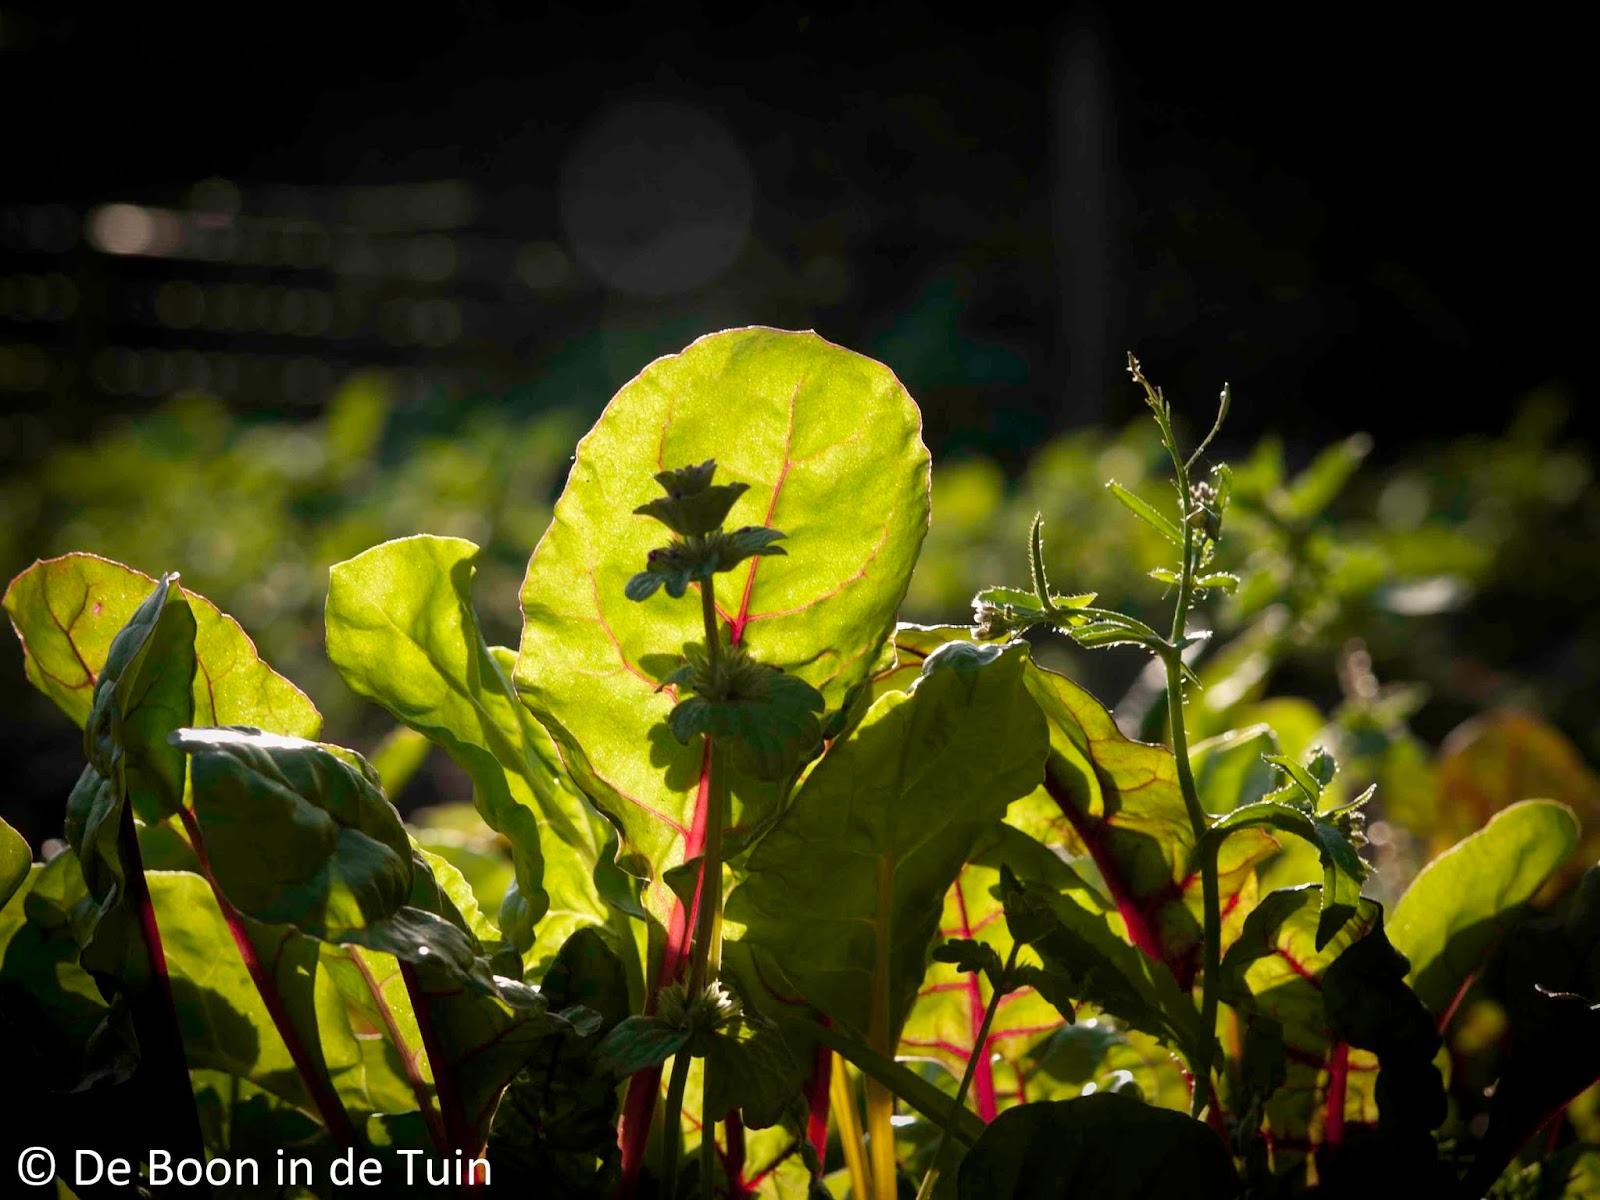 snijbiet blad stengel zon moestuin volkstuin